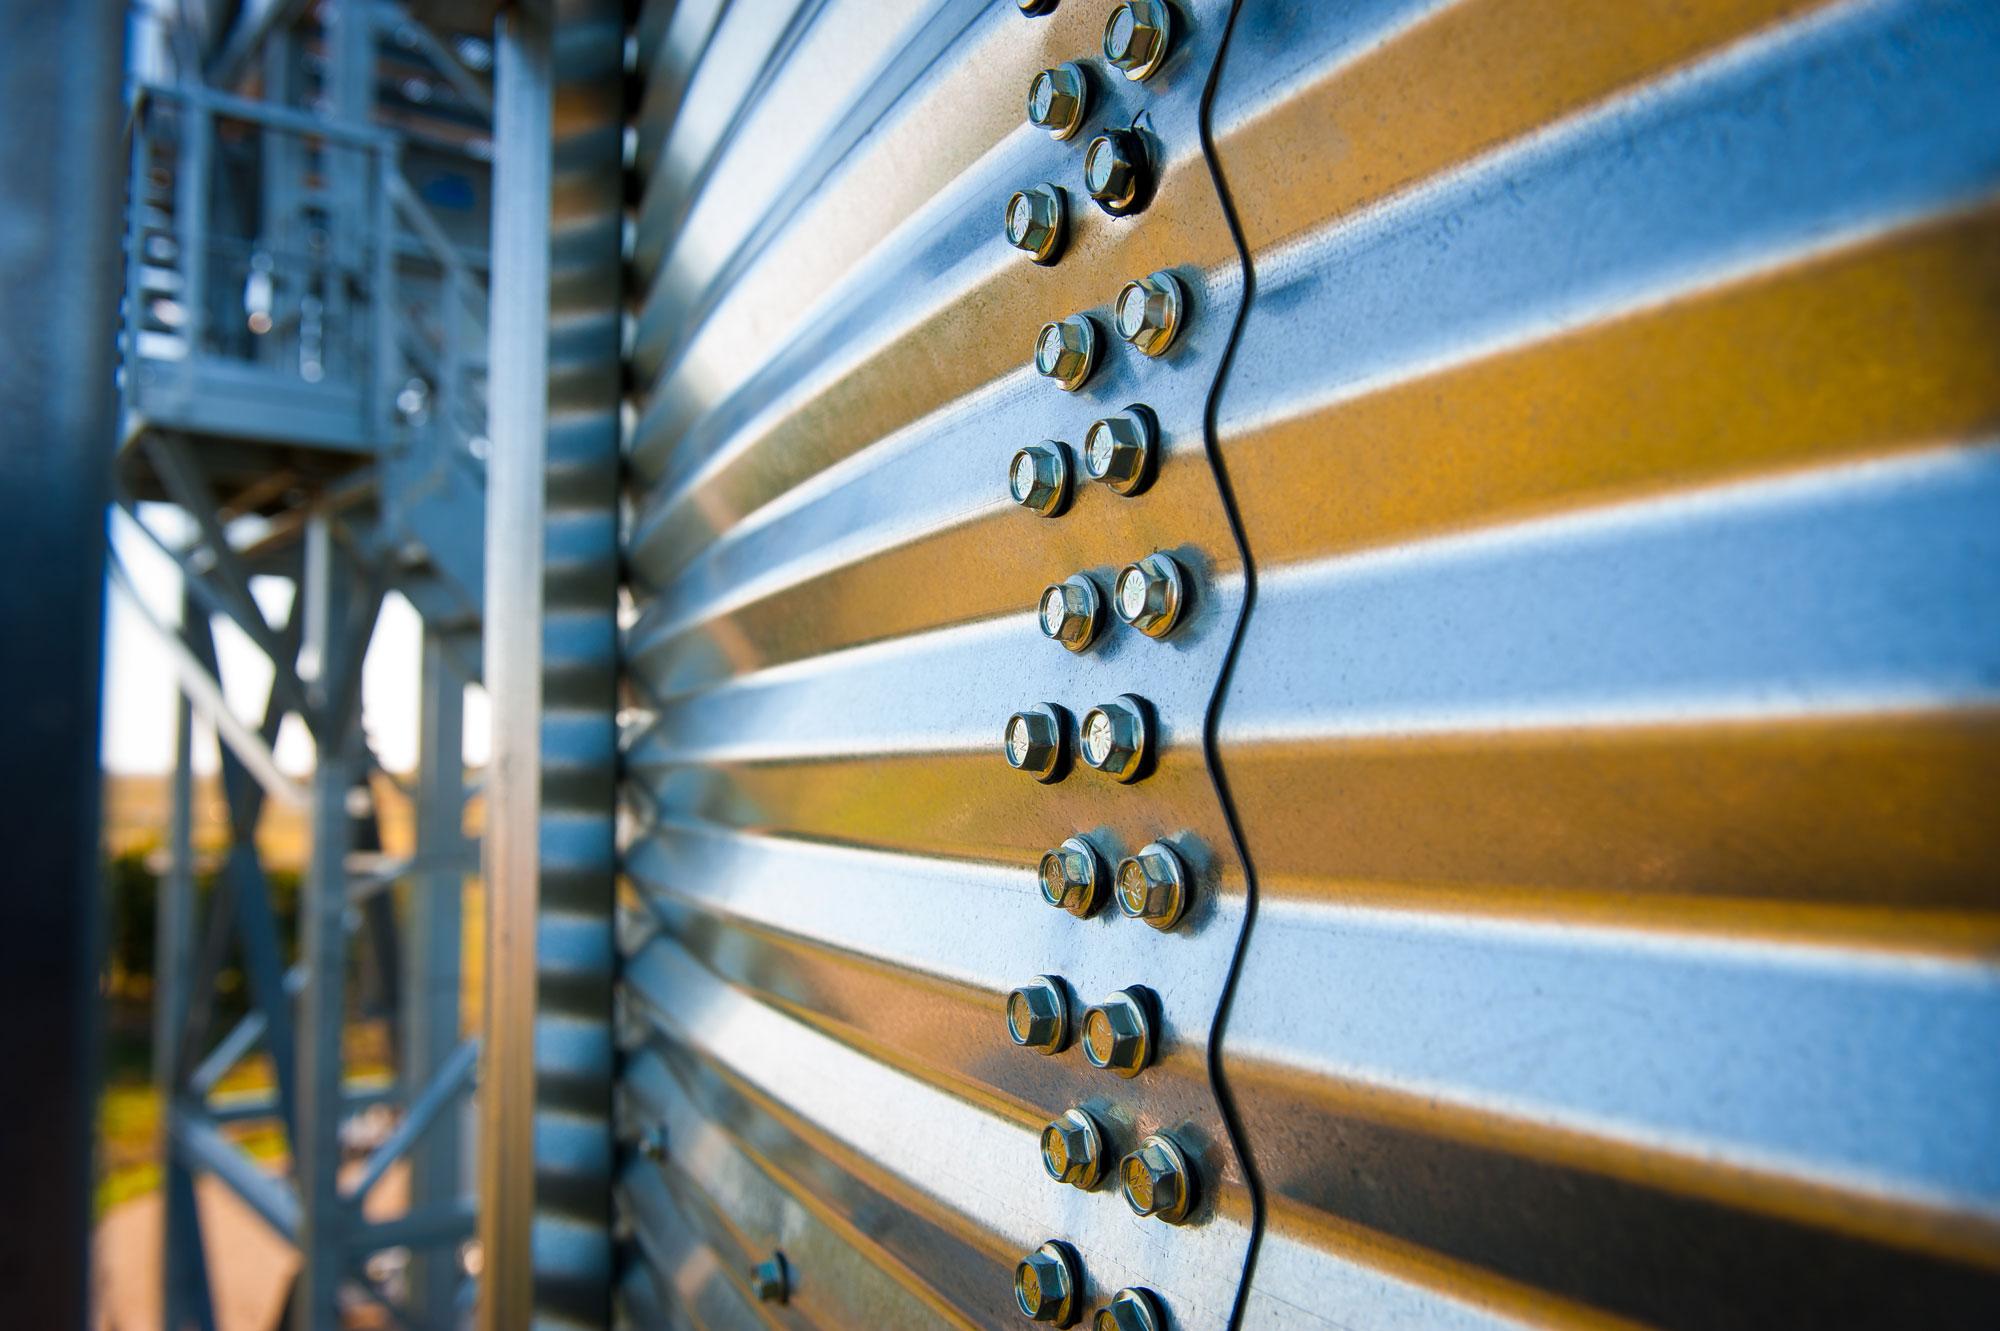 SCAFCO grain bin corrugation closeup